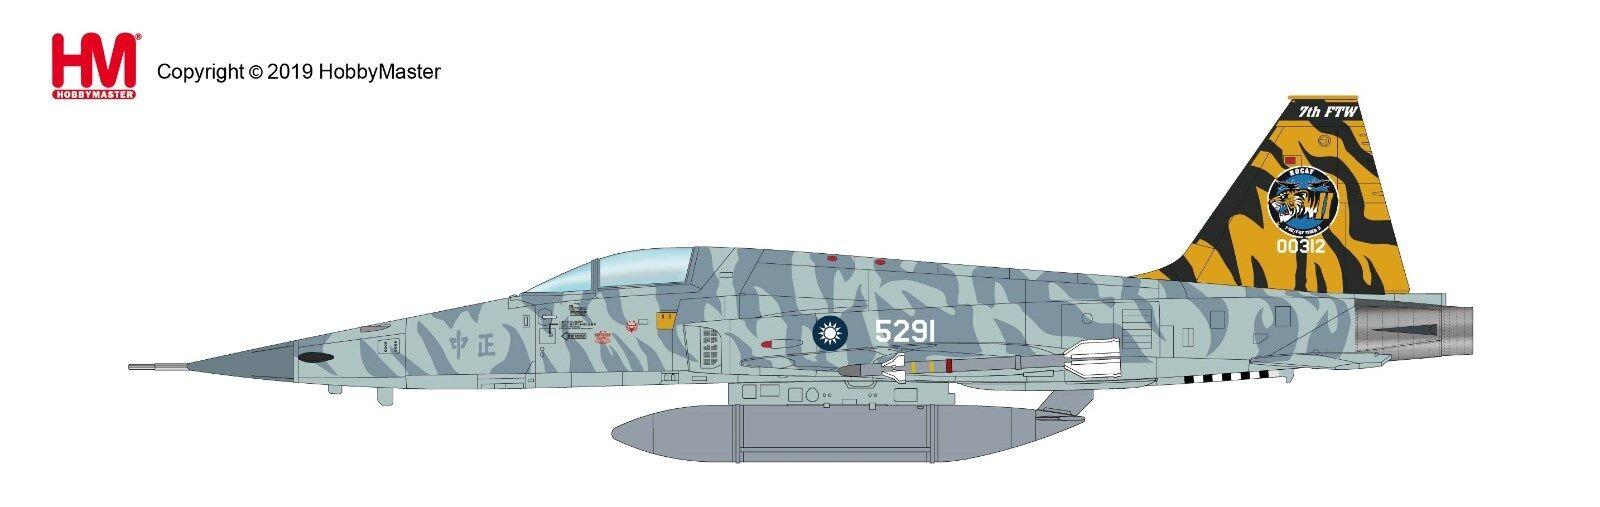 nueva gama alta exclusiva Hobby Master HA3333, Northrop Northrop Northrop F-5E Tiger II 00312, 7th FTW, ROCAF, 2018  venta con descuento